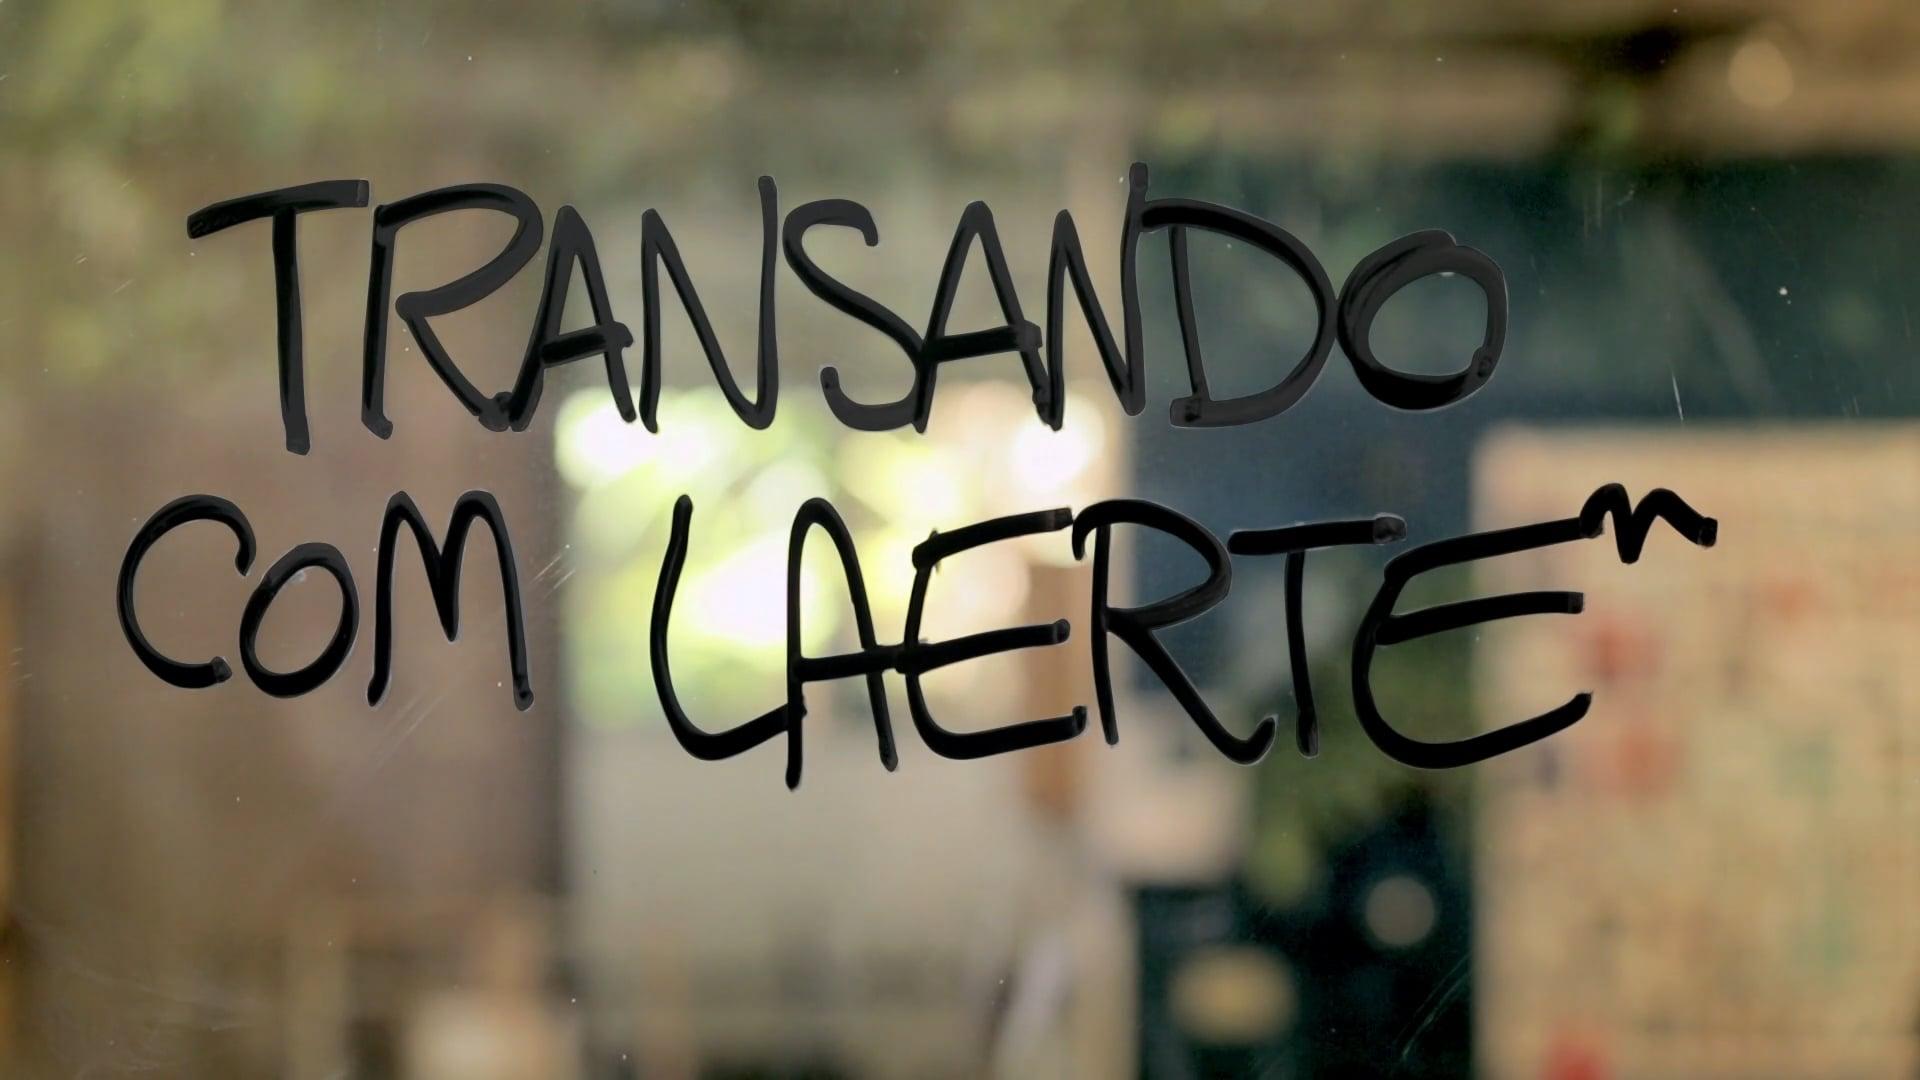 Transando com Laerte - Série de TV - Canal Brasil